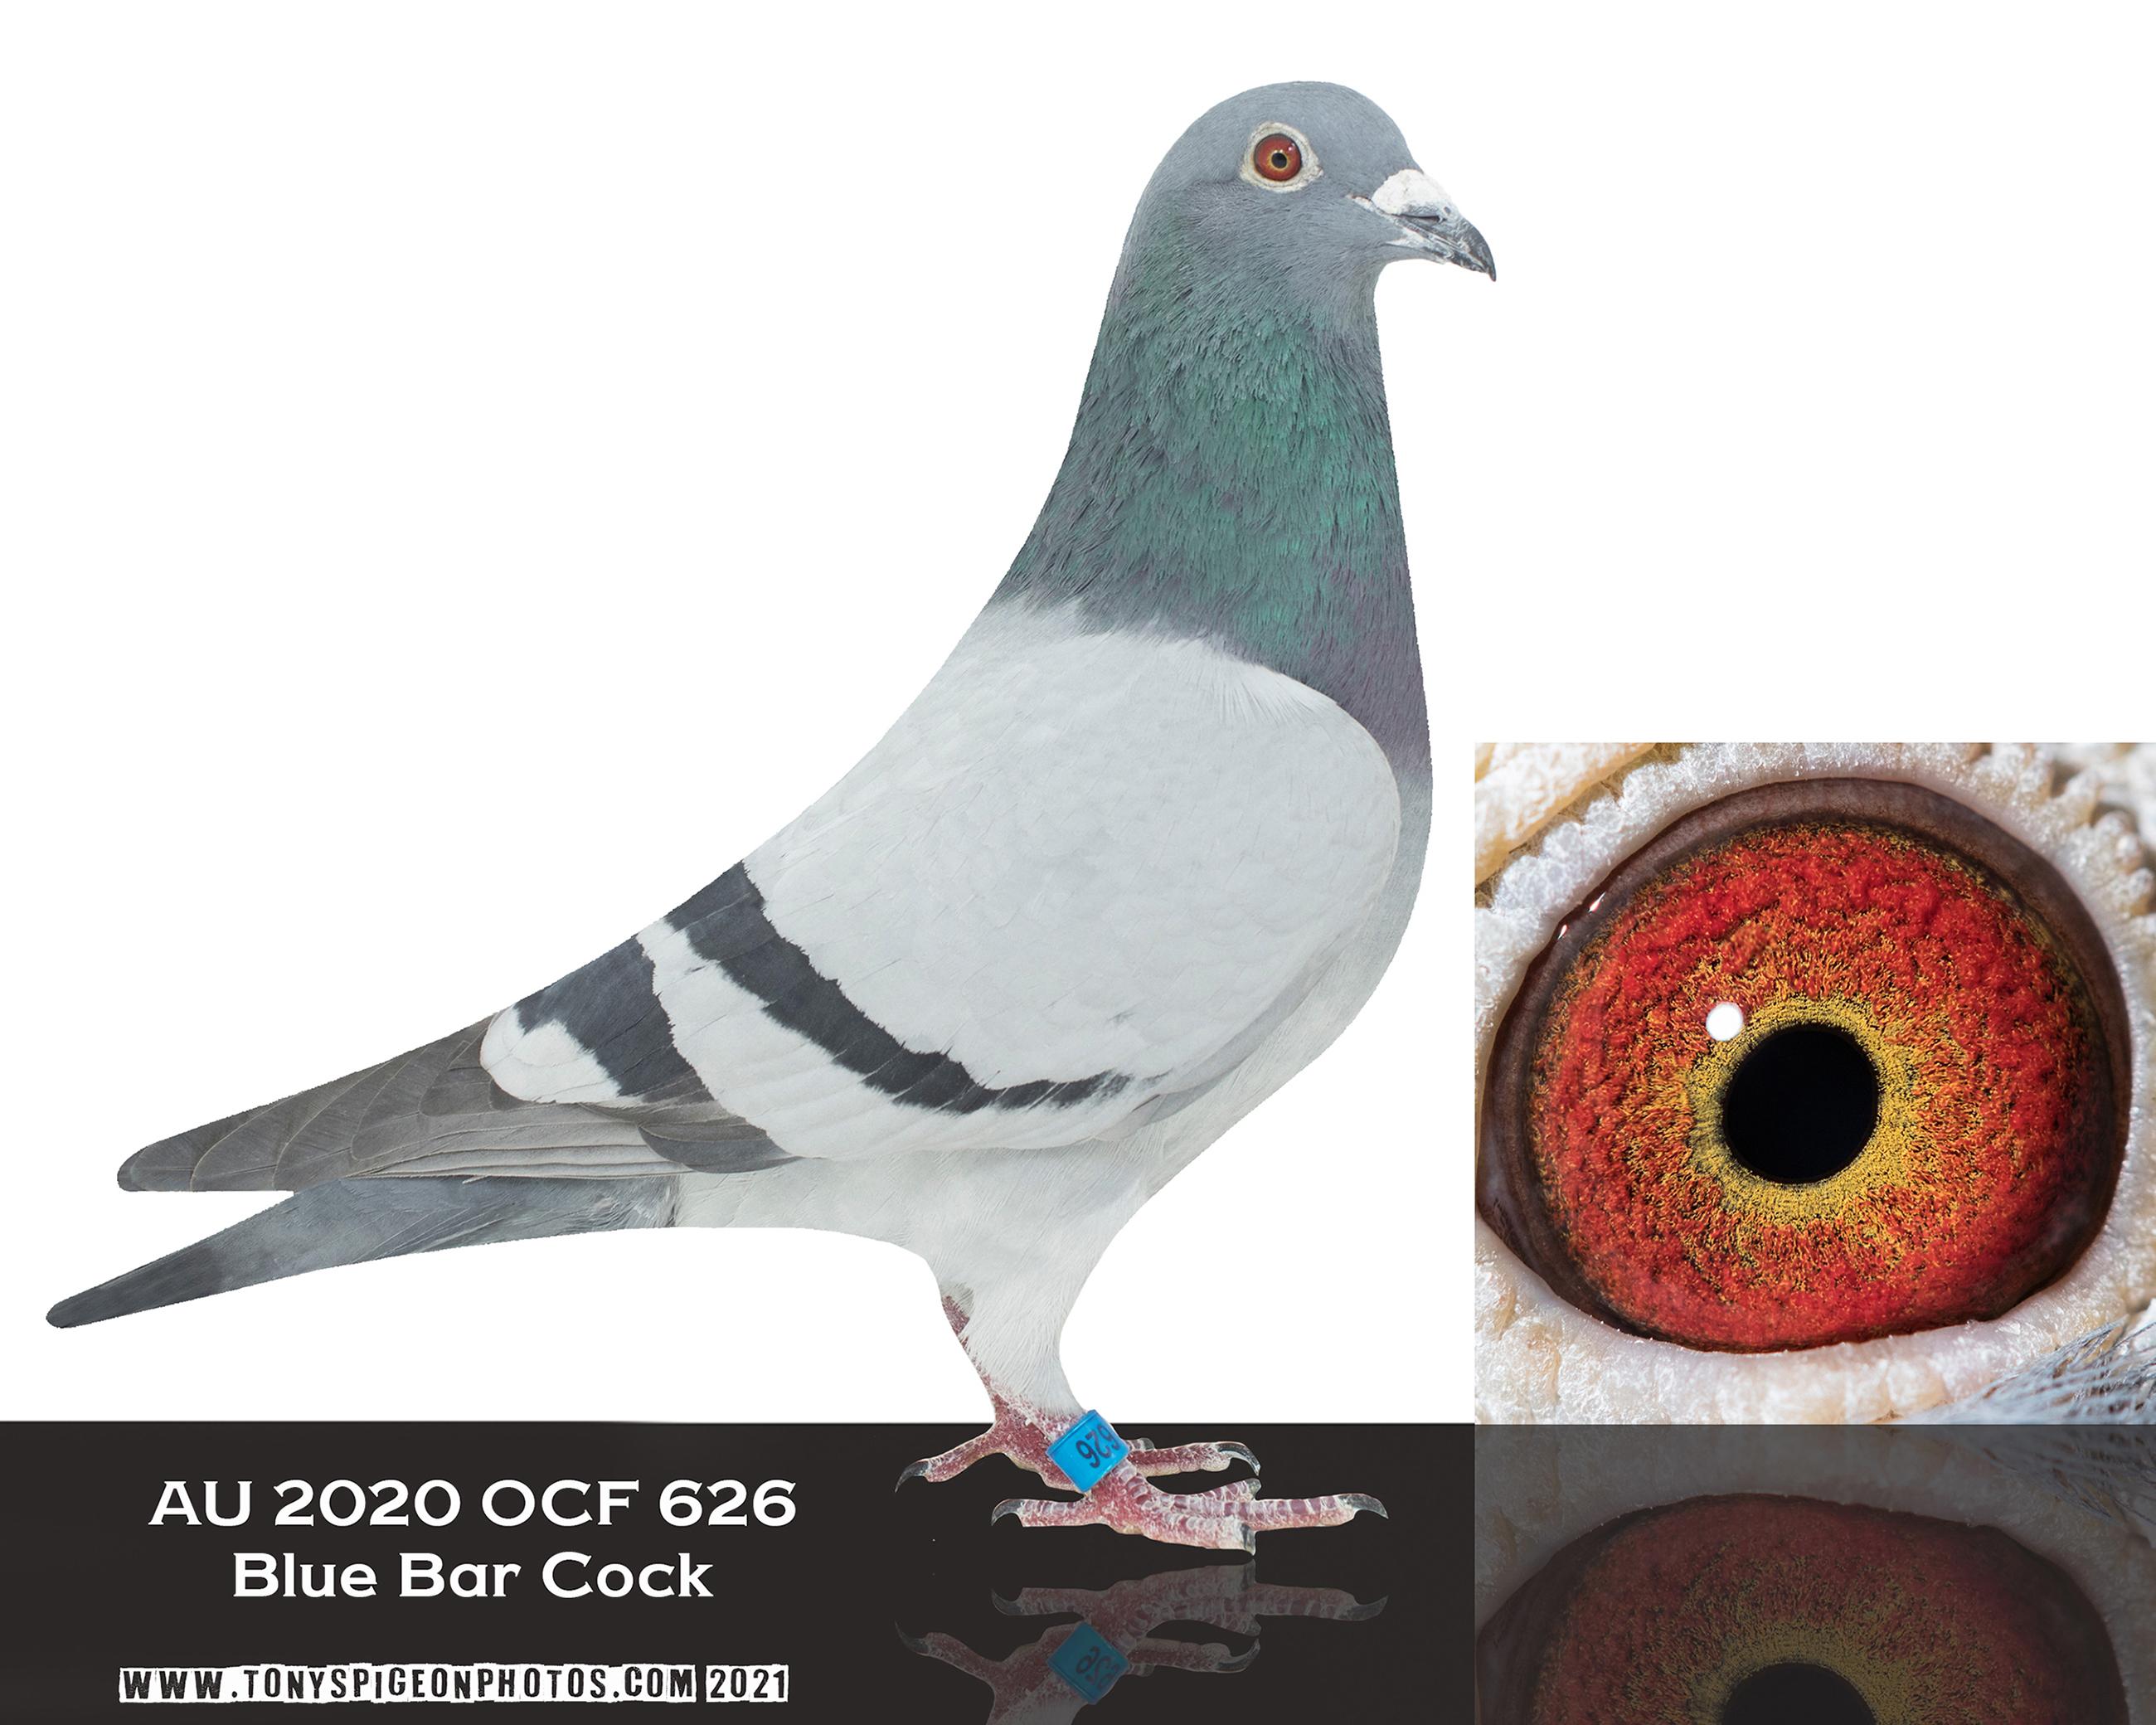 AU 2020 OCF 626 Blue Bar Cock